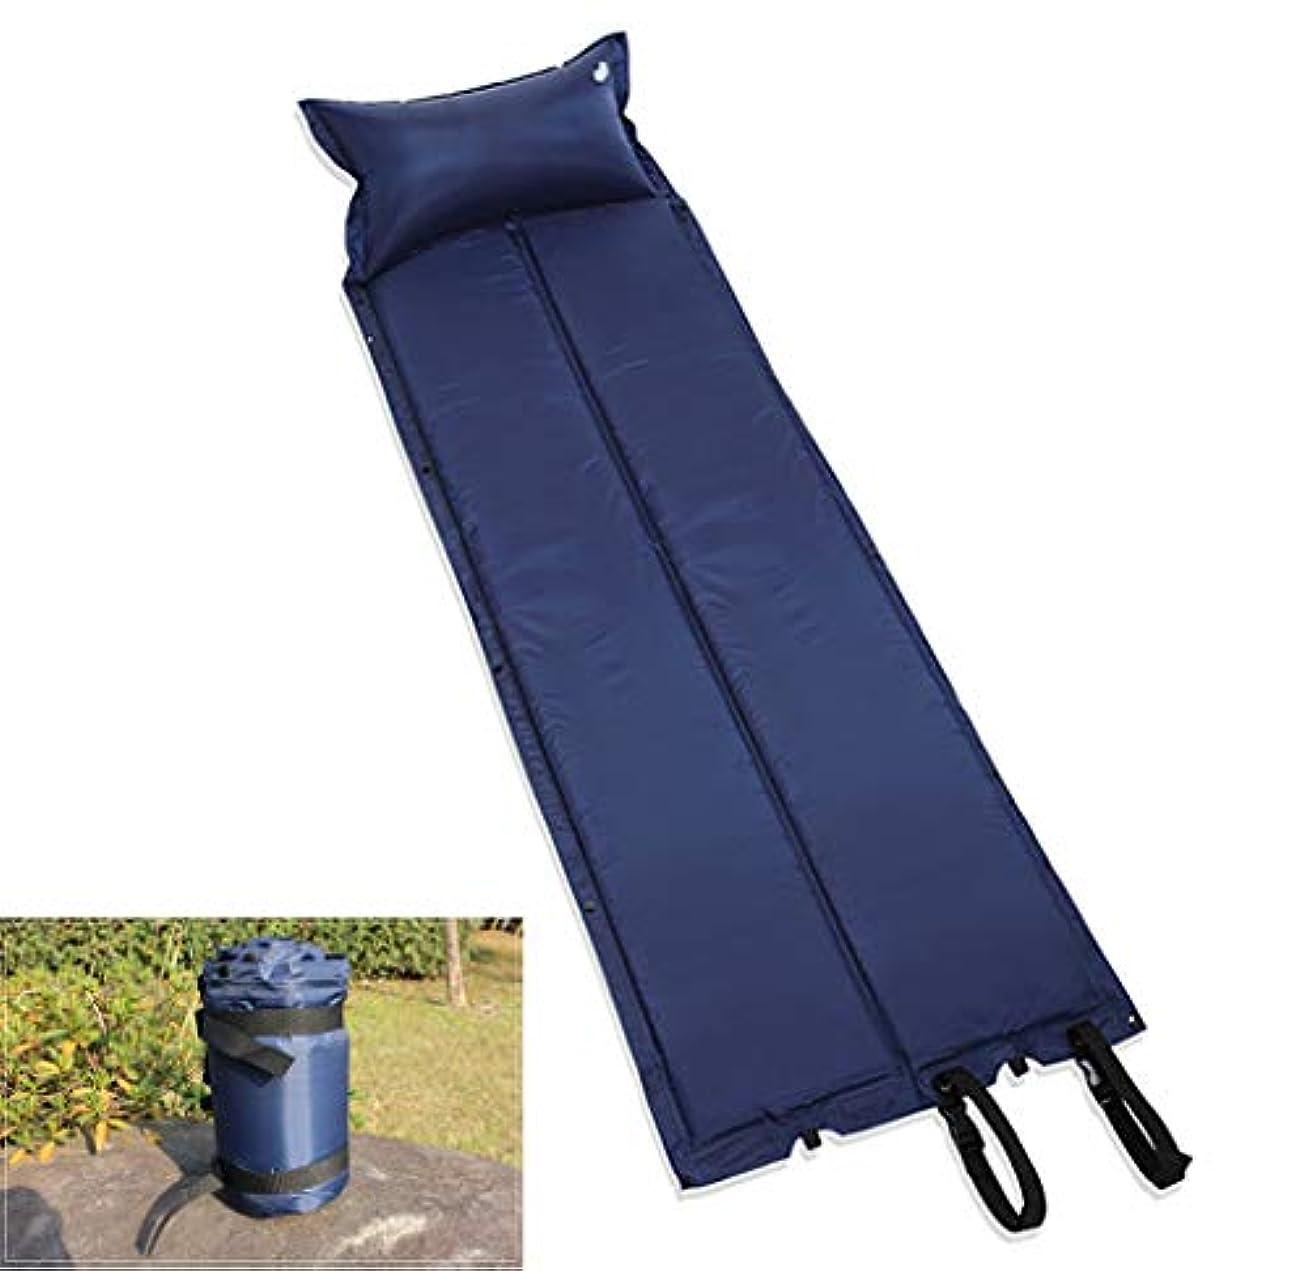 差別化する無駄だ充電自己膨張キャンプ用 エアーマット インフレーティング 折りたたみ コンパクトレジャーマット防水収納袋付耐湿性